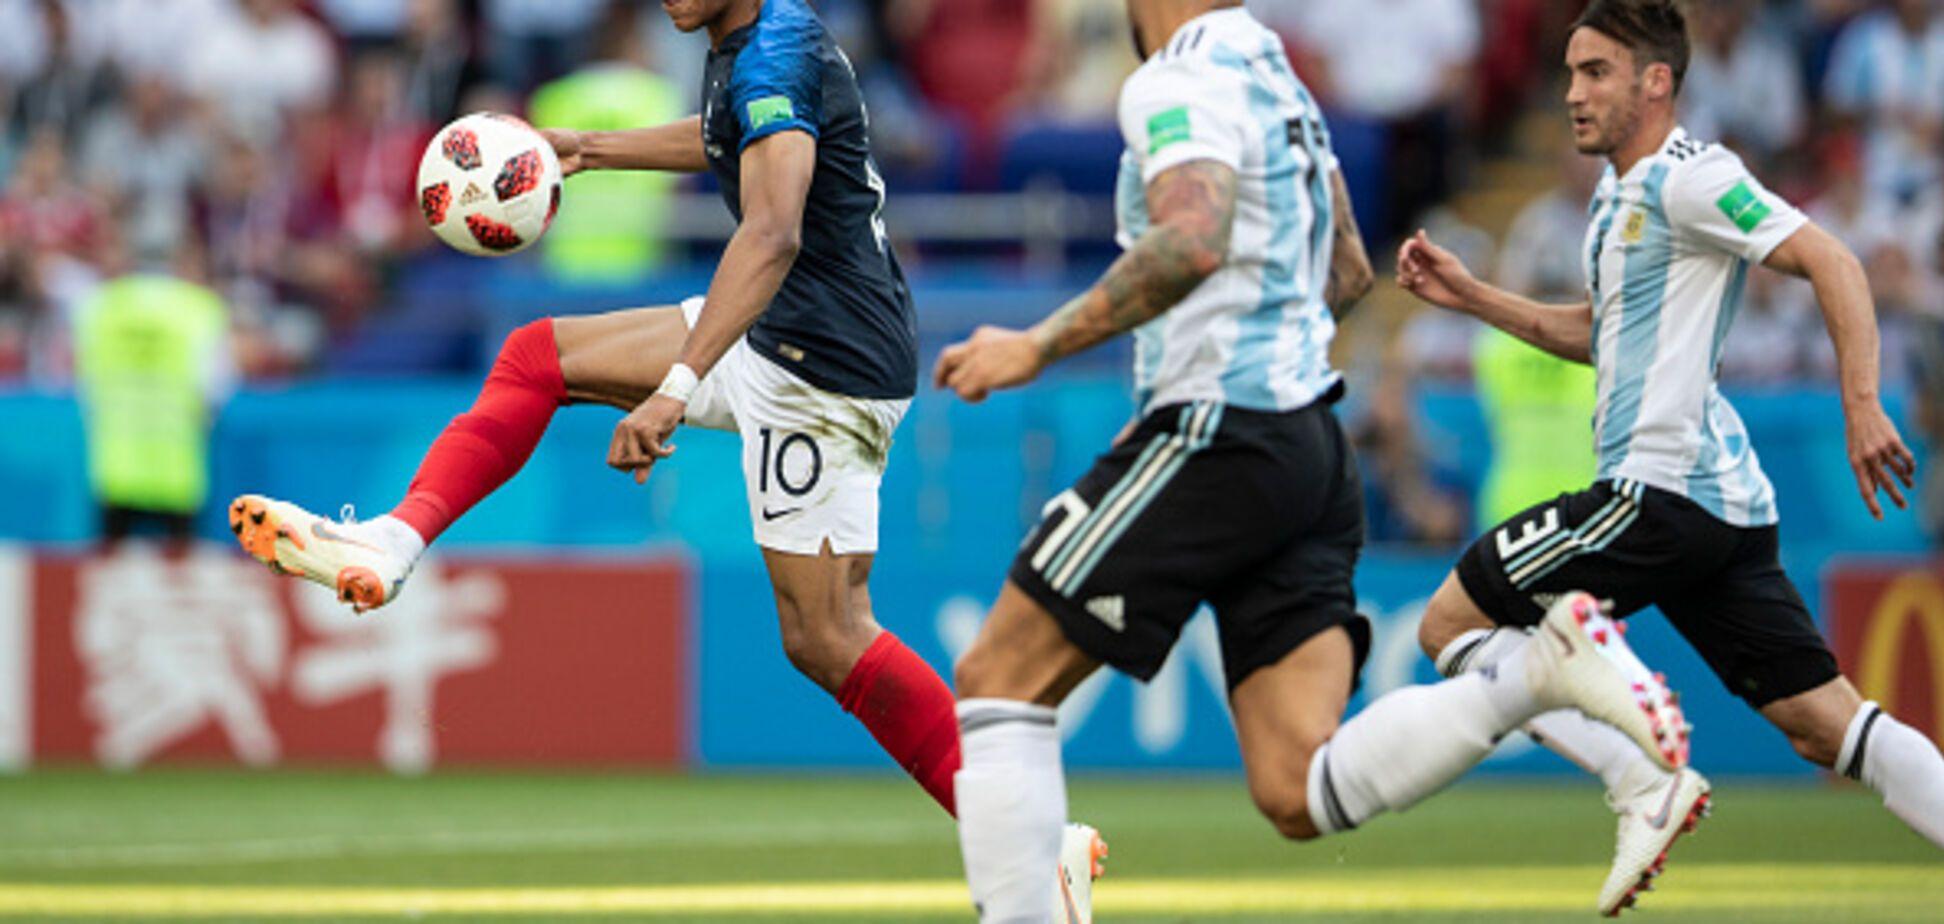 Французький футболіст встановив запаморочливий рекорд чемпіонатів світу